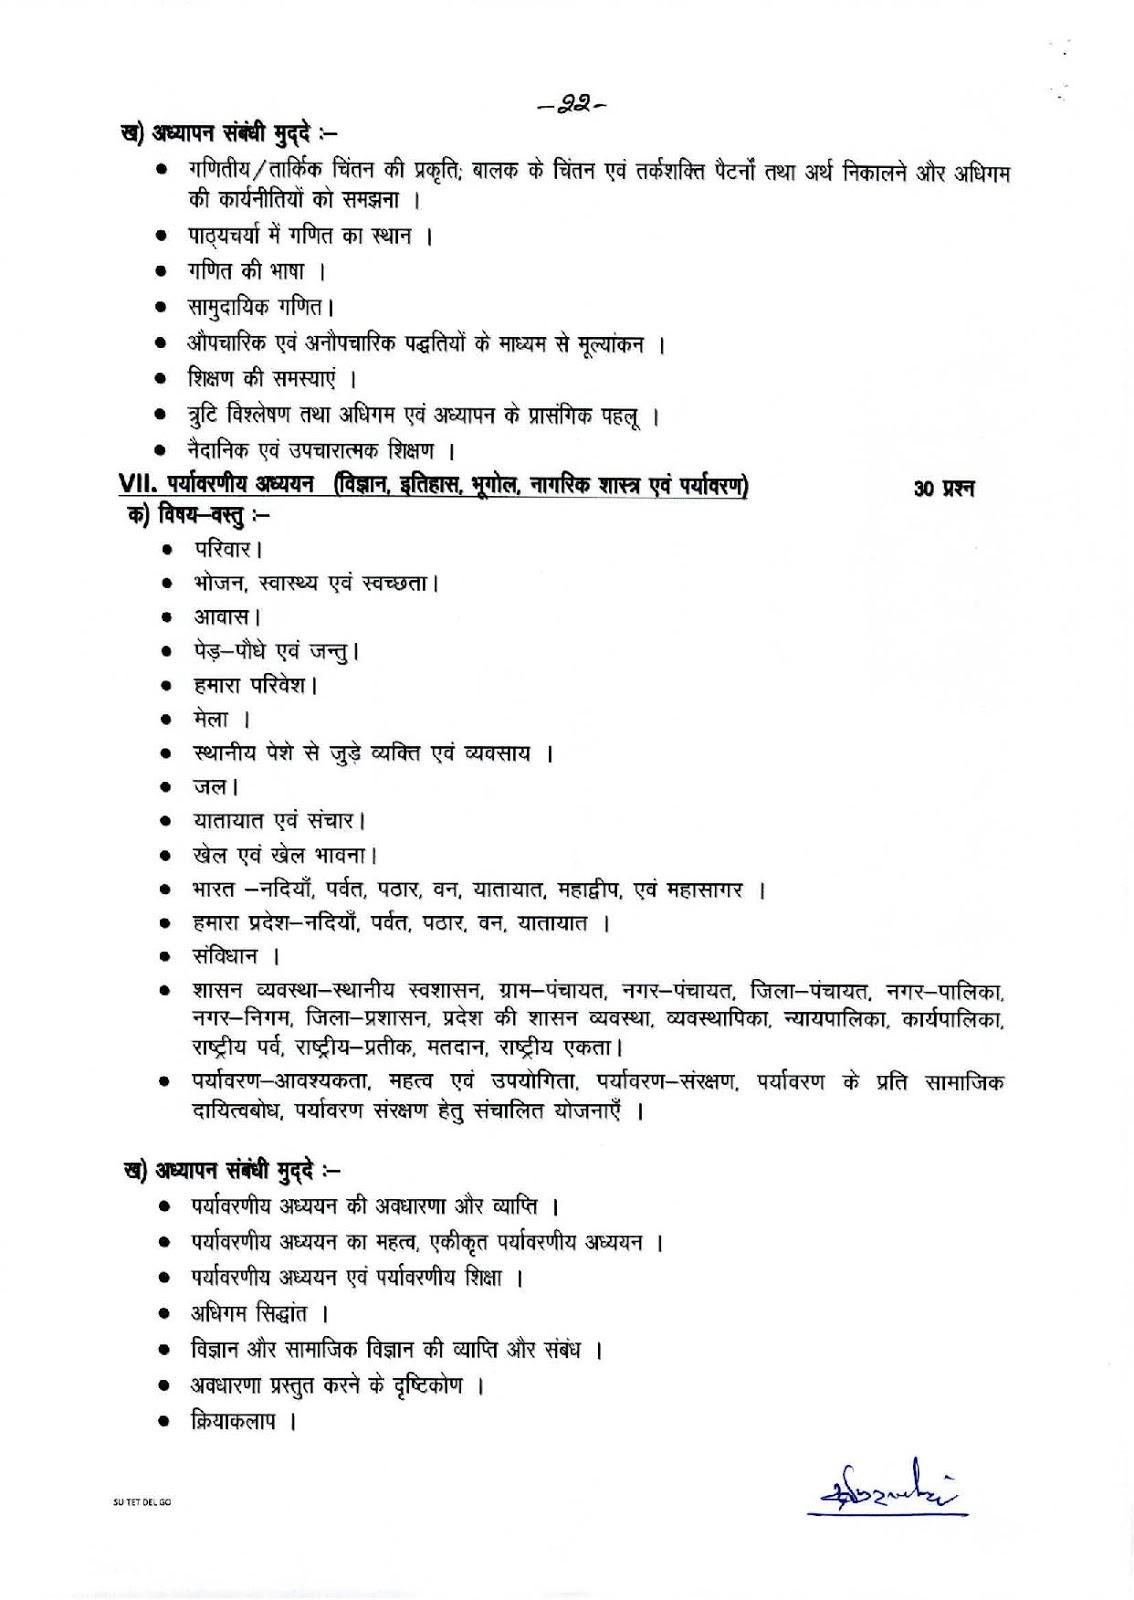 प्राथमिक स्तर पेपर-I (कक्षा 1 से 5 तक) पाठ्यक्रम देखे - 6